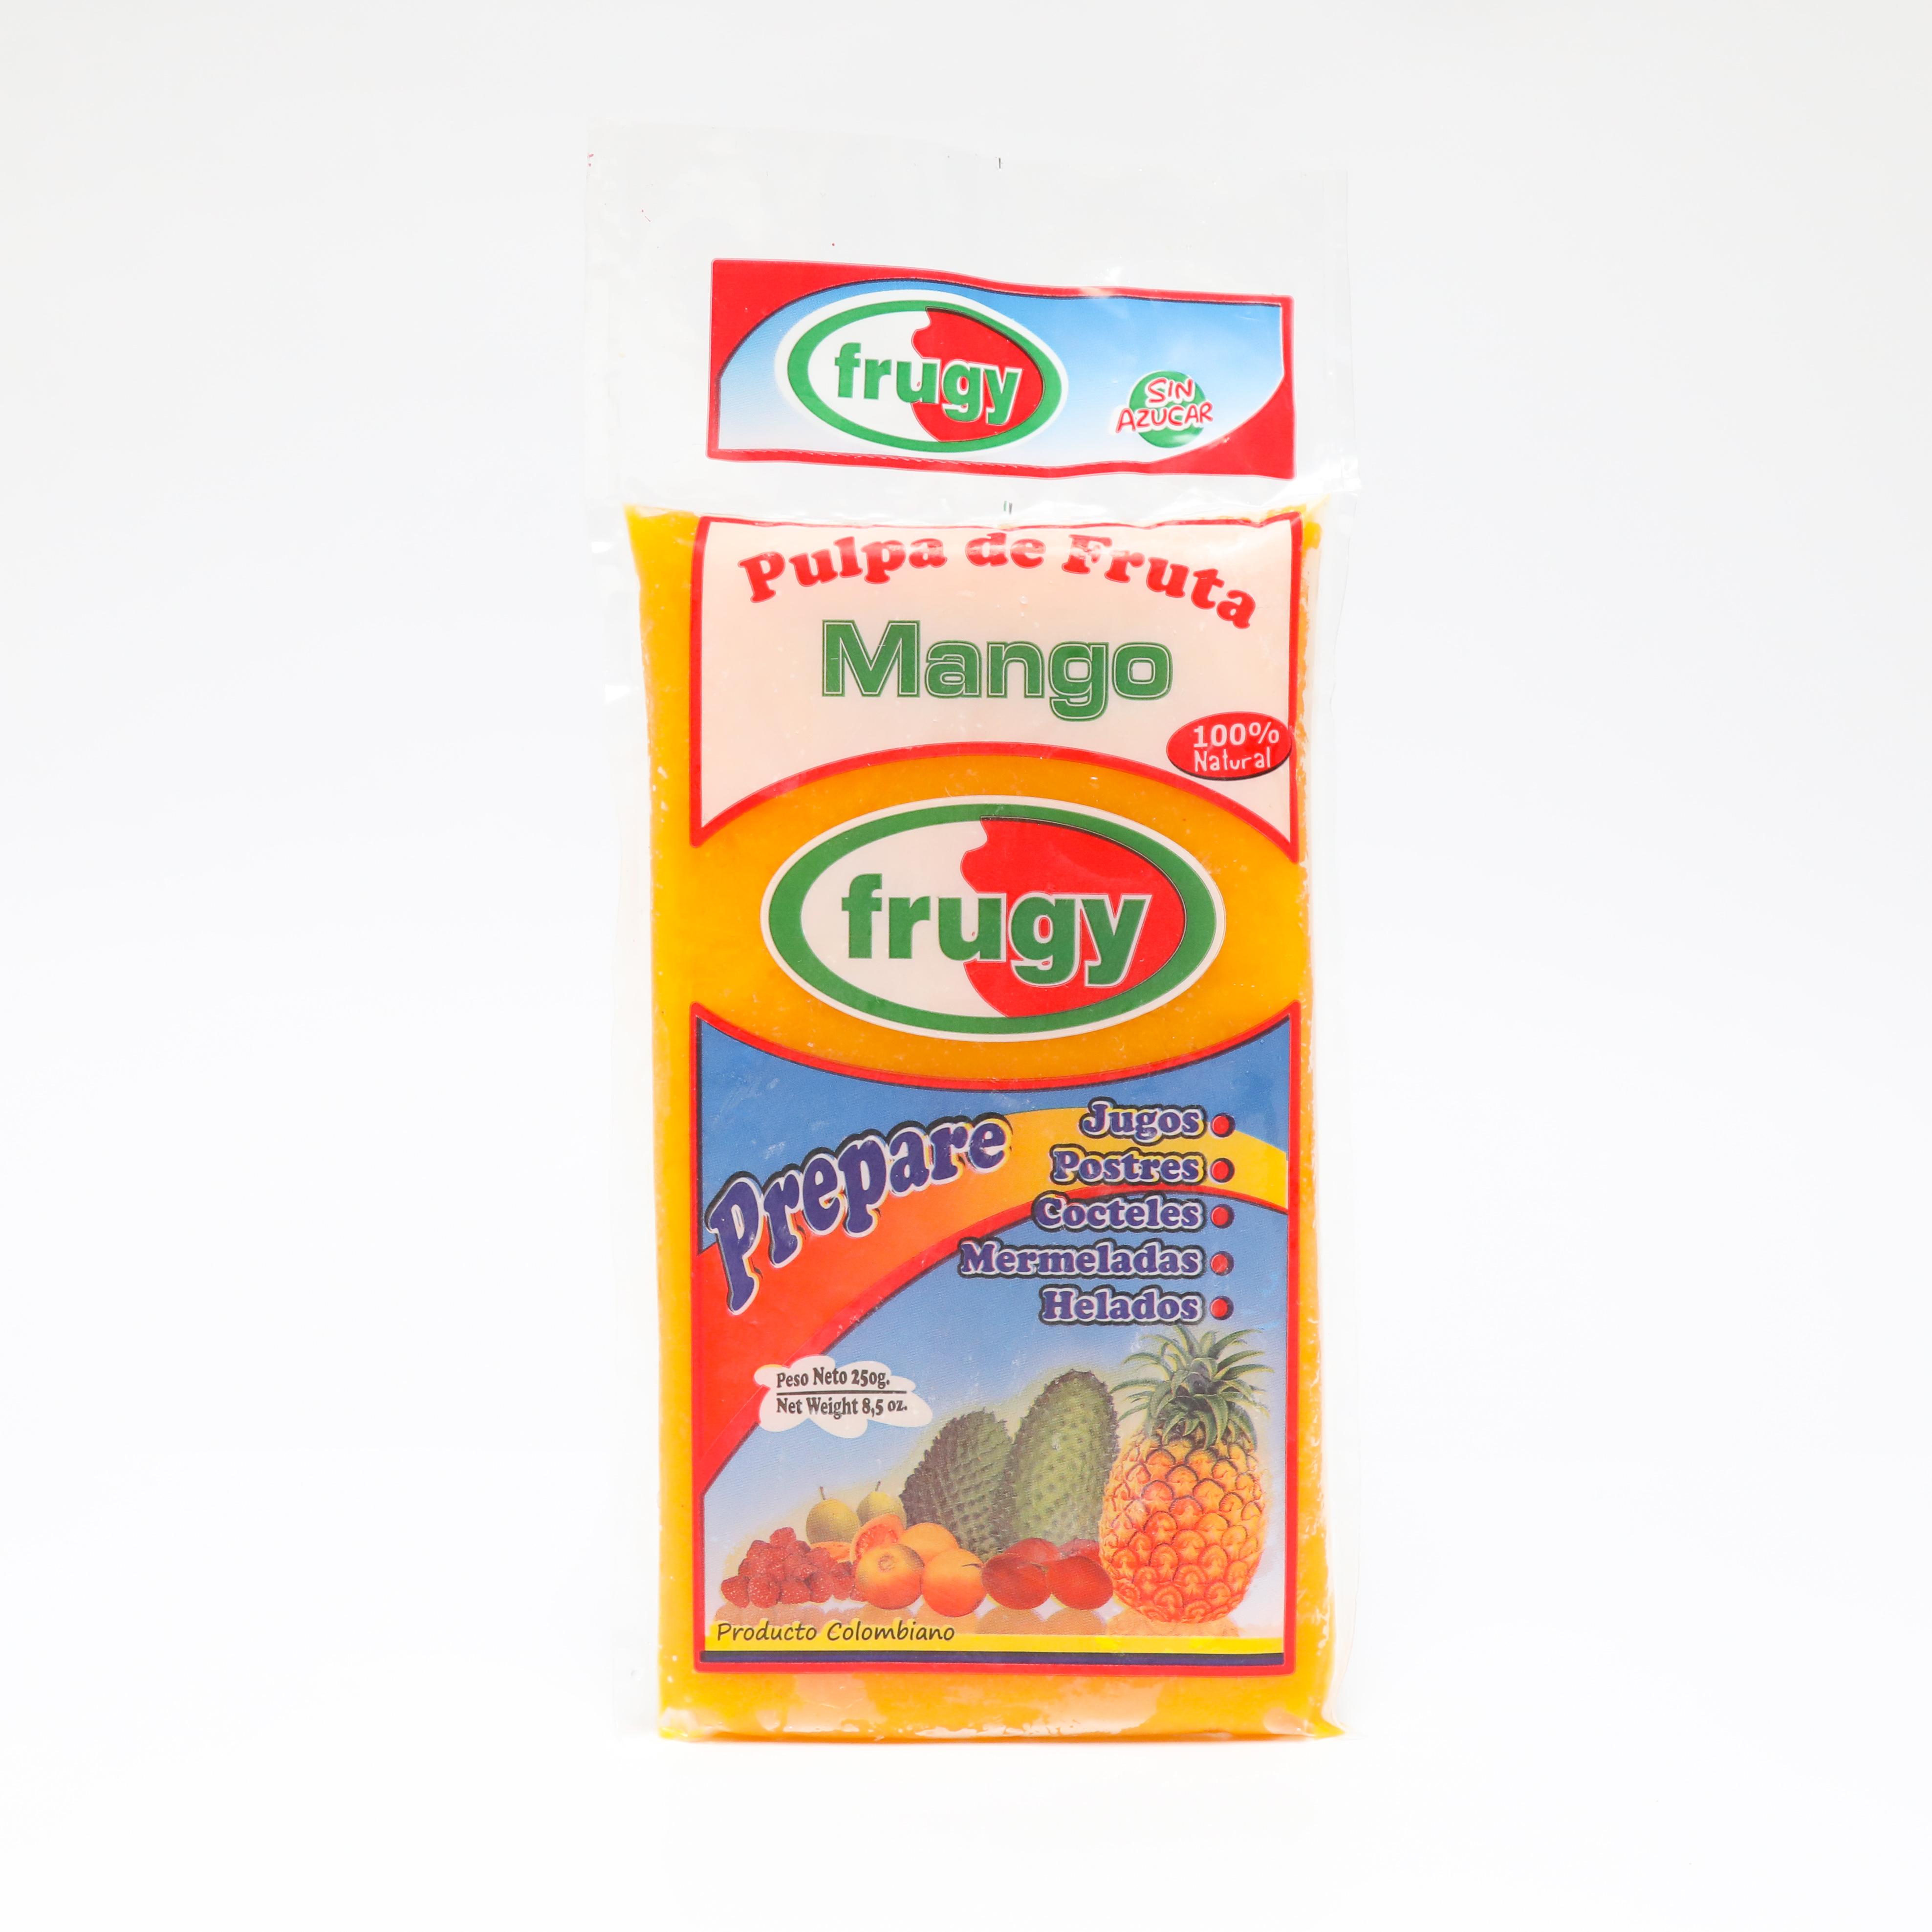 Pulpa Mango Frugy 250g x 3und